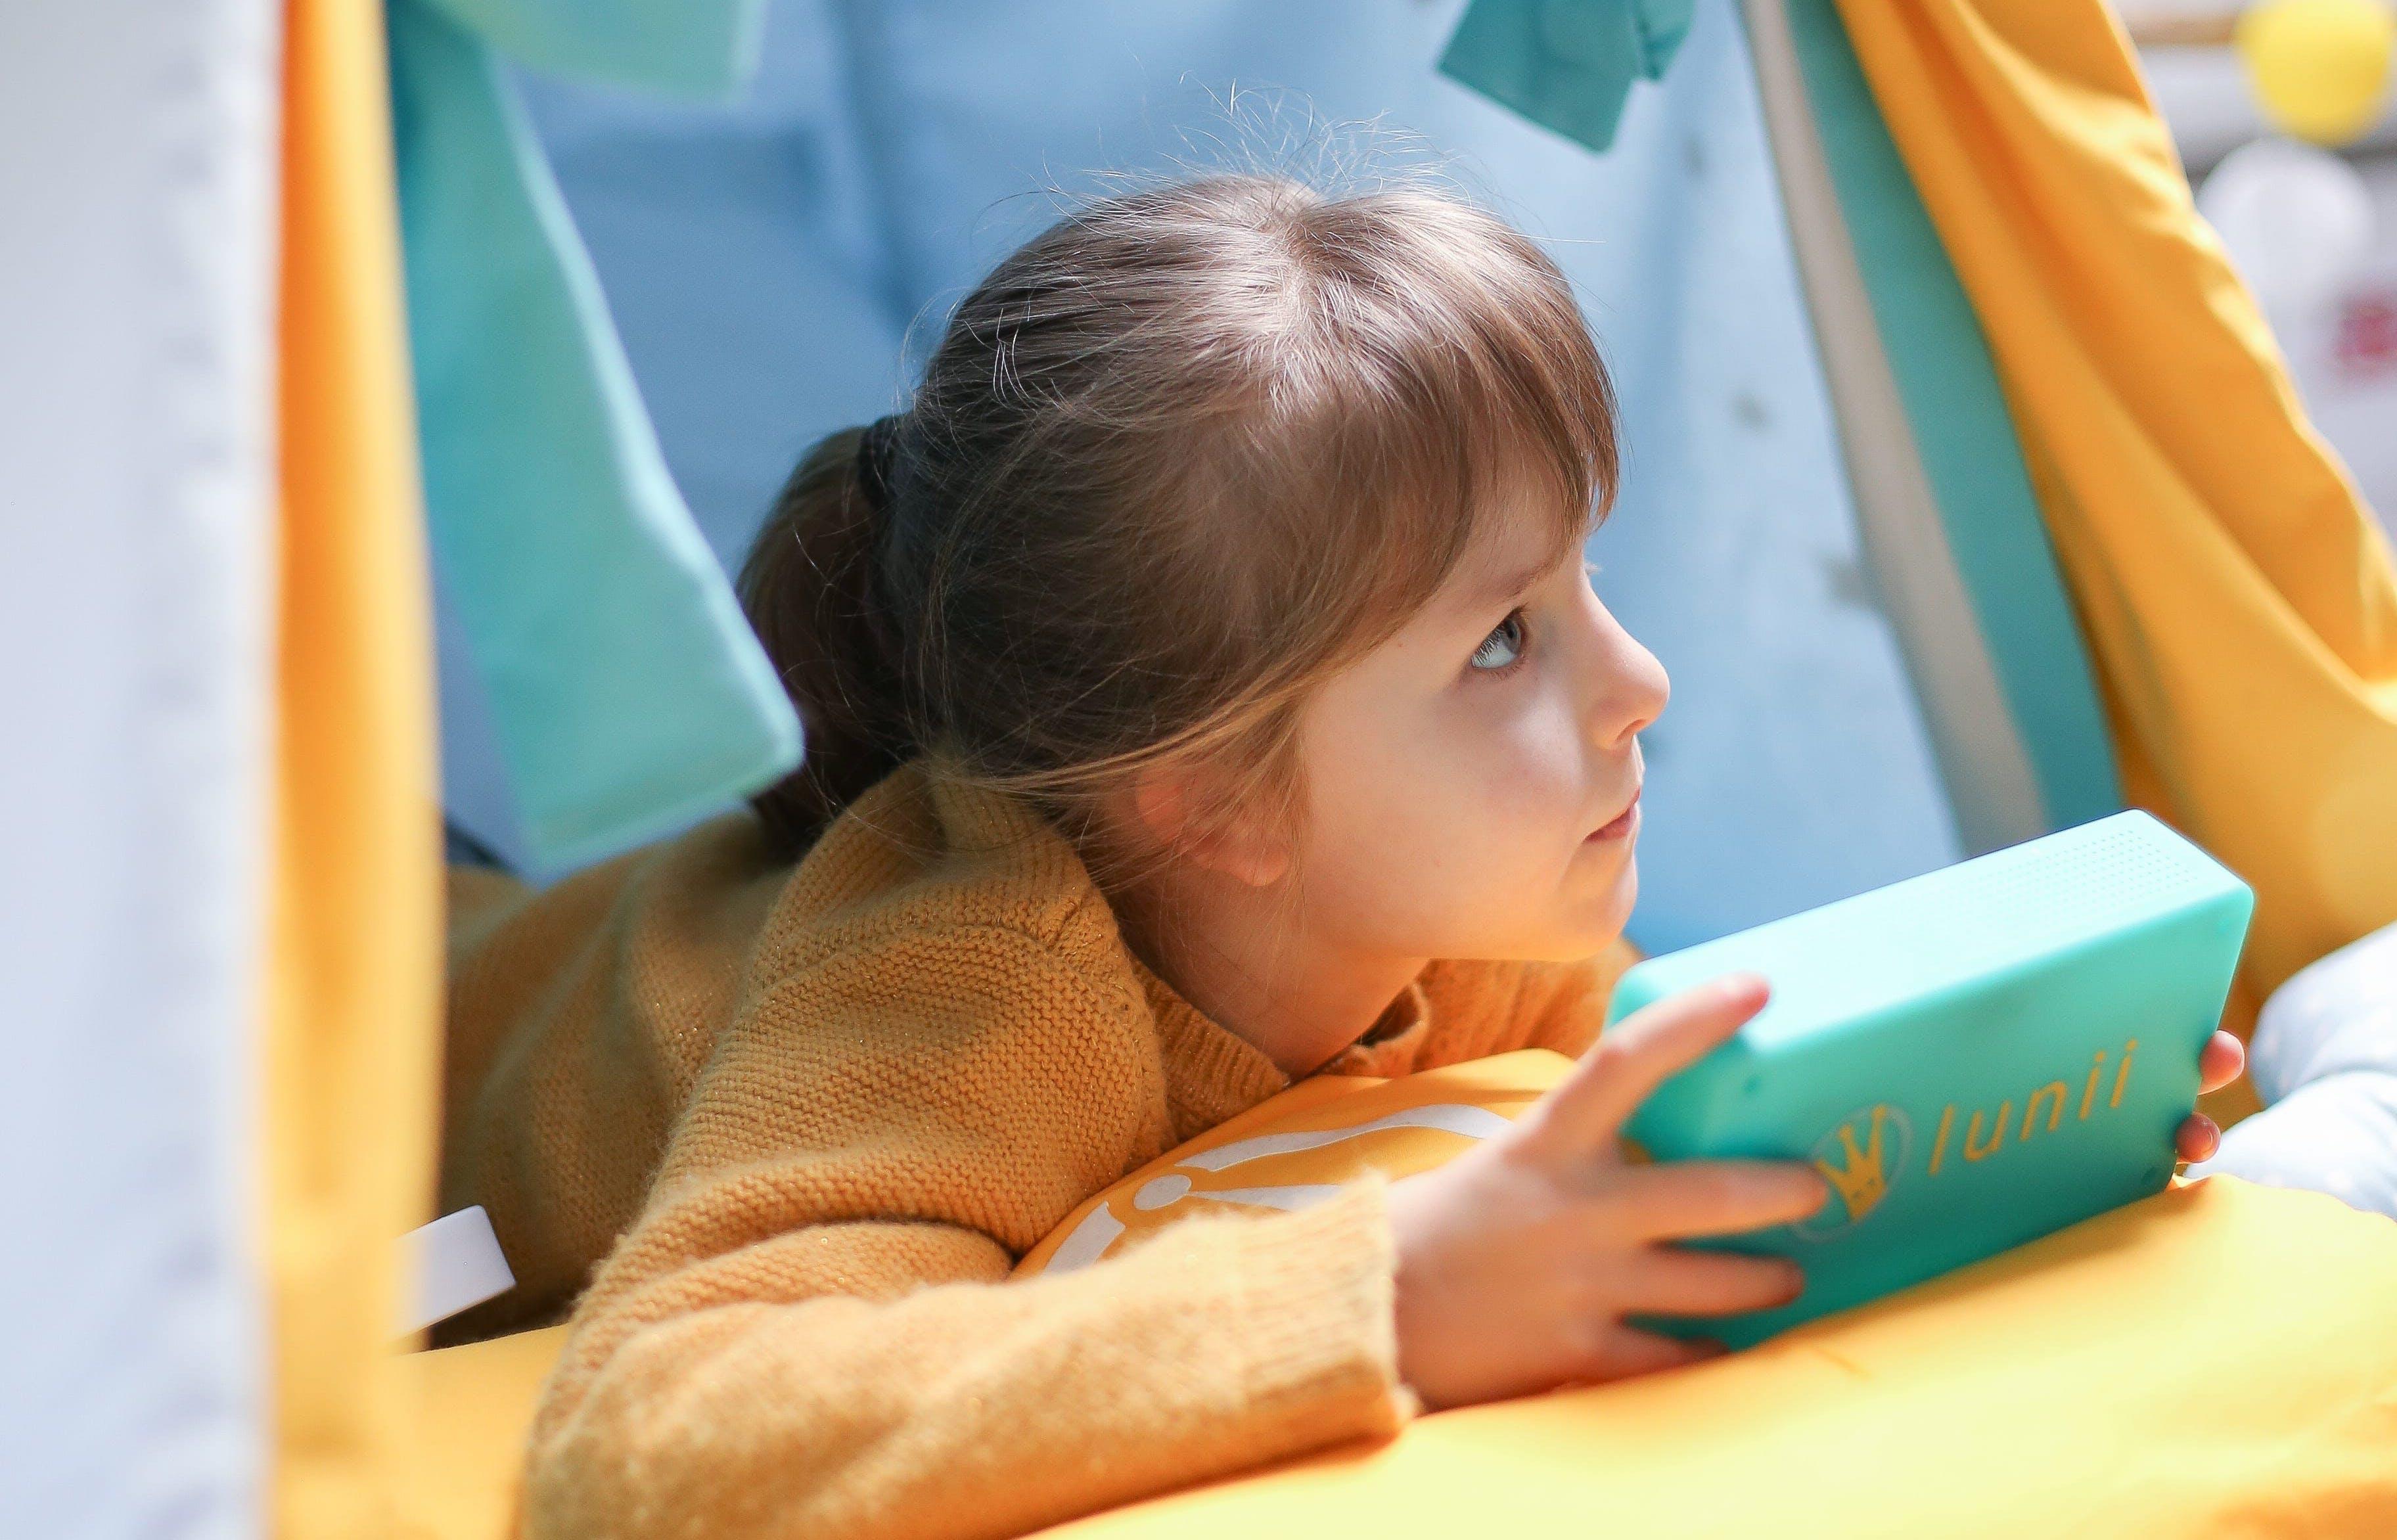 Lunii met la fiction audio au service du développement de vos enfants